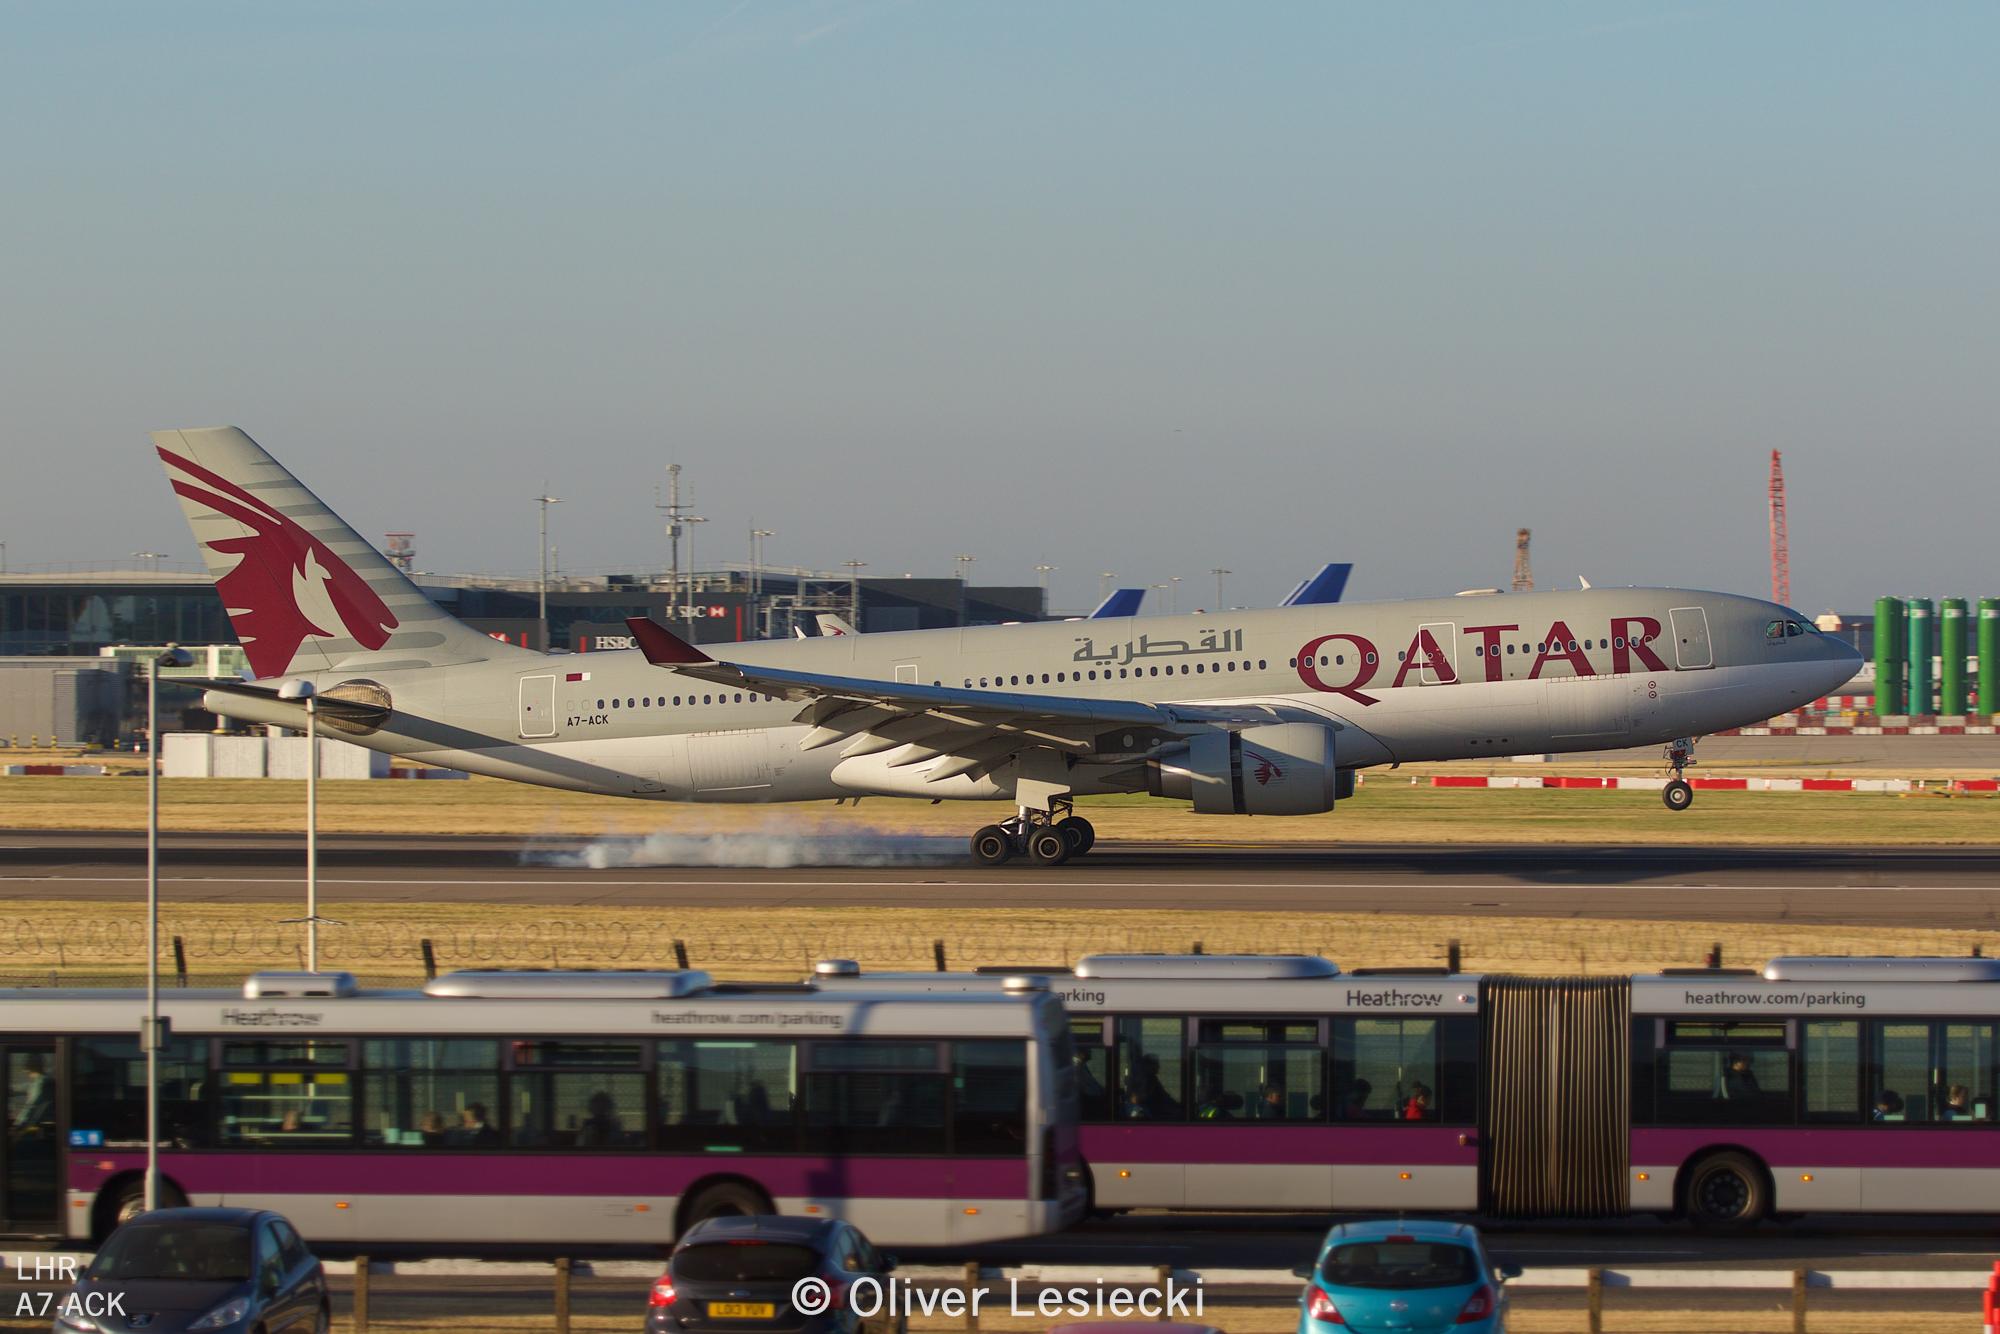 X_Qatar_A330_A7ACK_01_LHR_230618